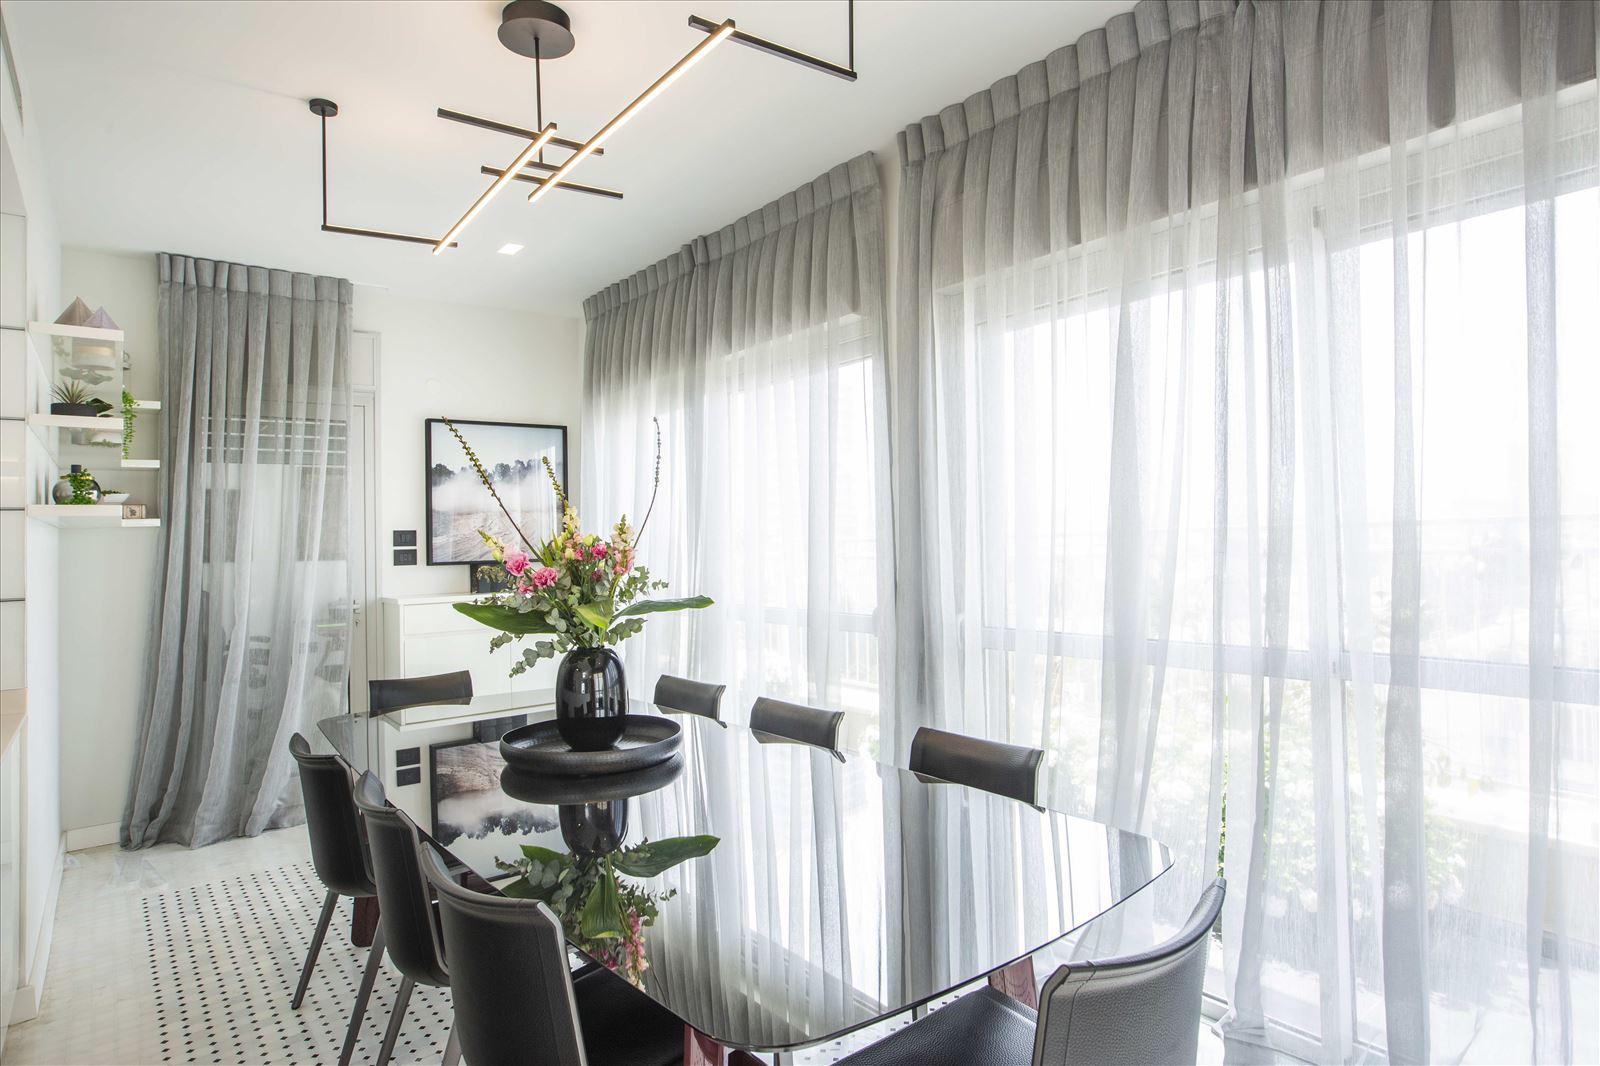 Tel Aviv apartment in Parisian aroma גופי תאורה בפינת האוכל על ידי קמחי תאורה